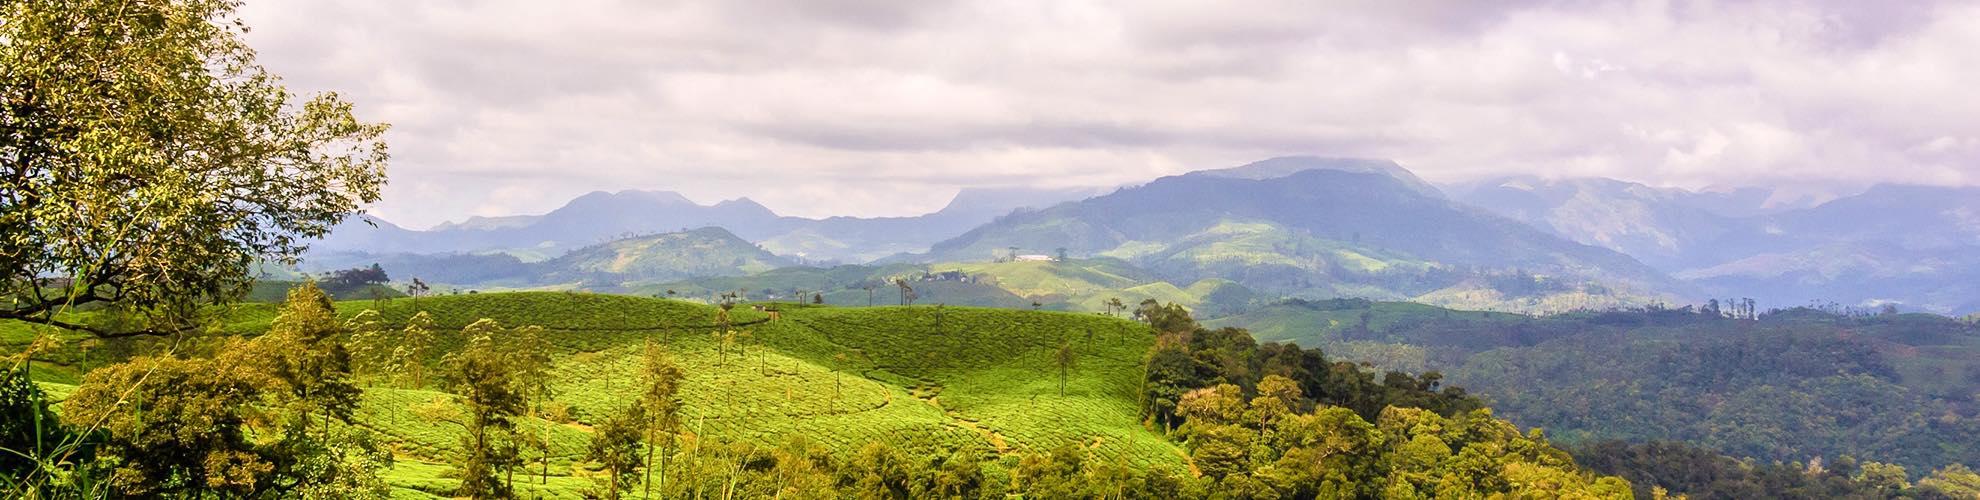 جمهورية الكونغو الديمقراطية - زائير - الكونغو الديمقراطية ...